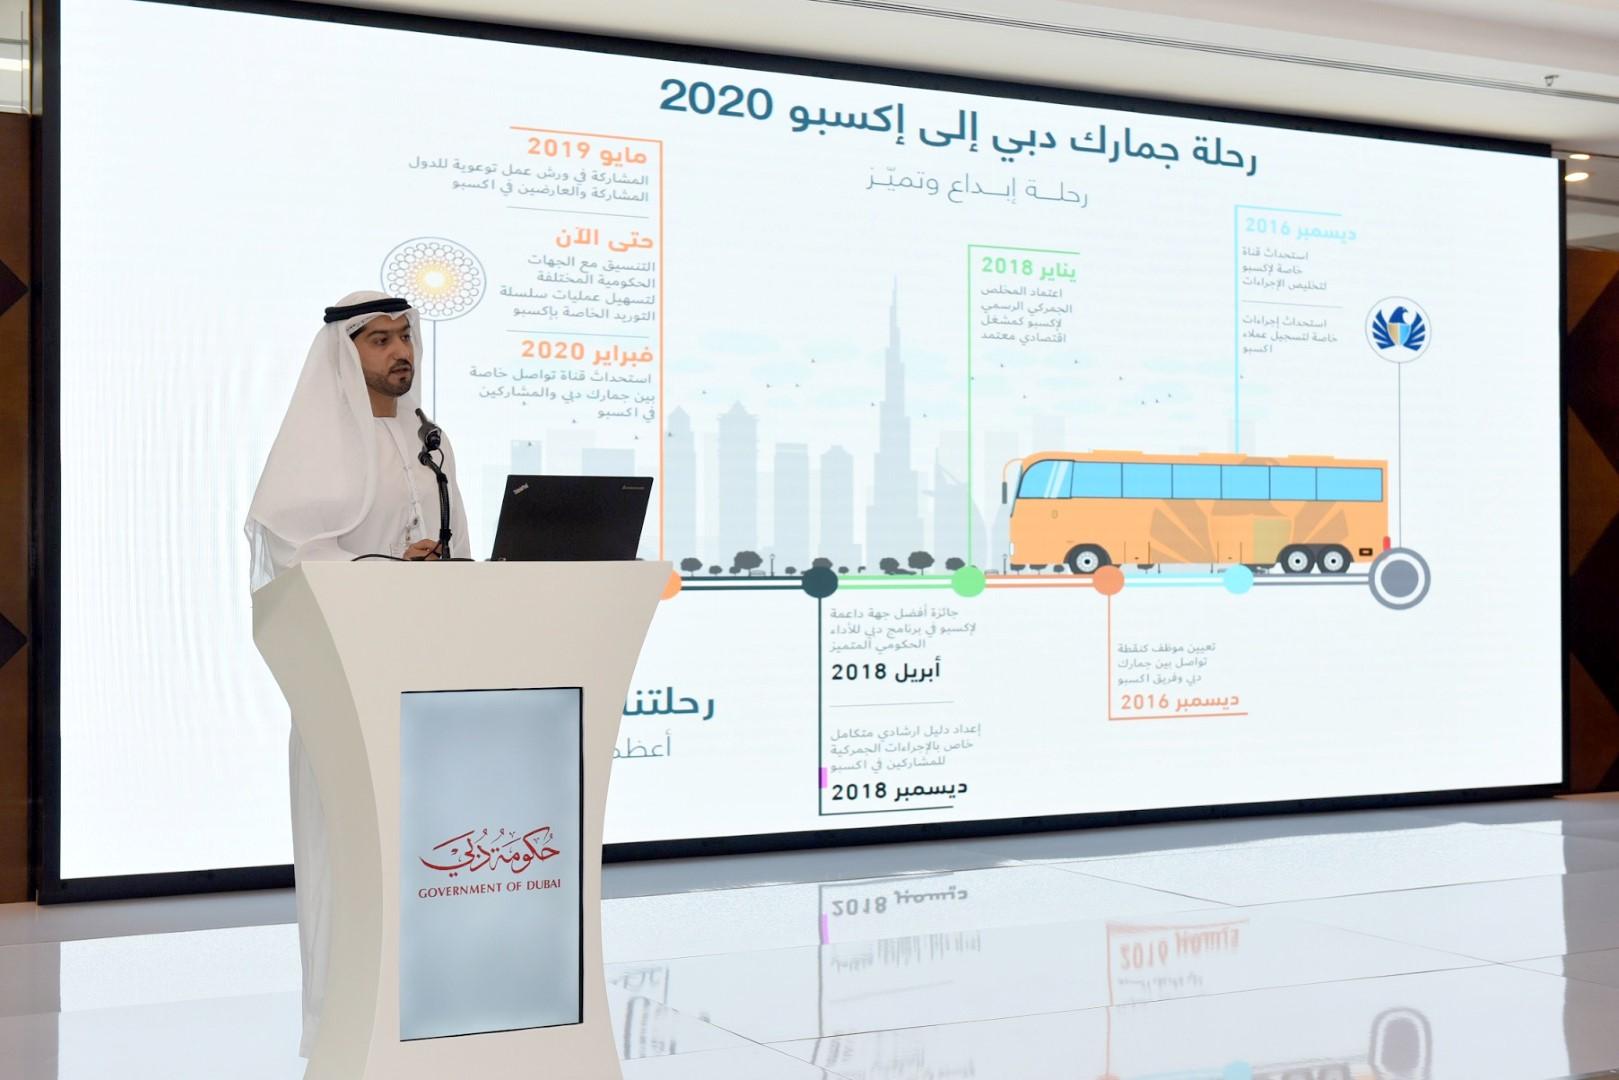 جمارك دبي تطلق حملة اتصال تستهدف عملائها محلياً وعالمياً مواكبة للعد العكسي لإكسبو 2020